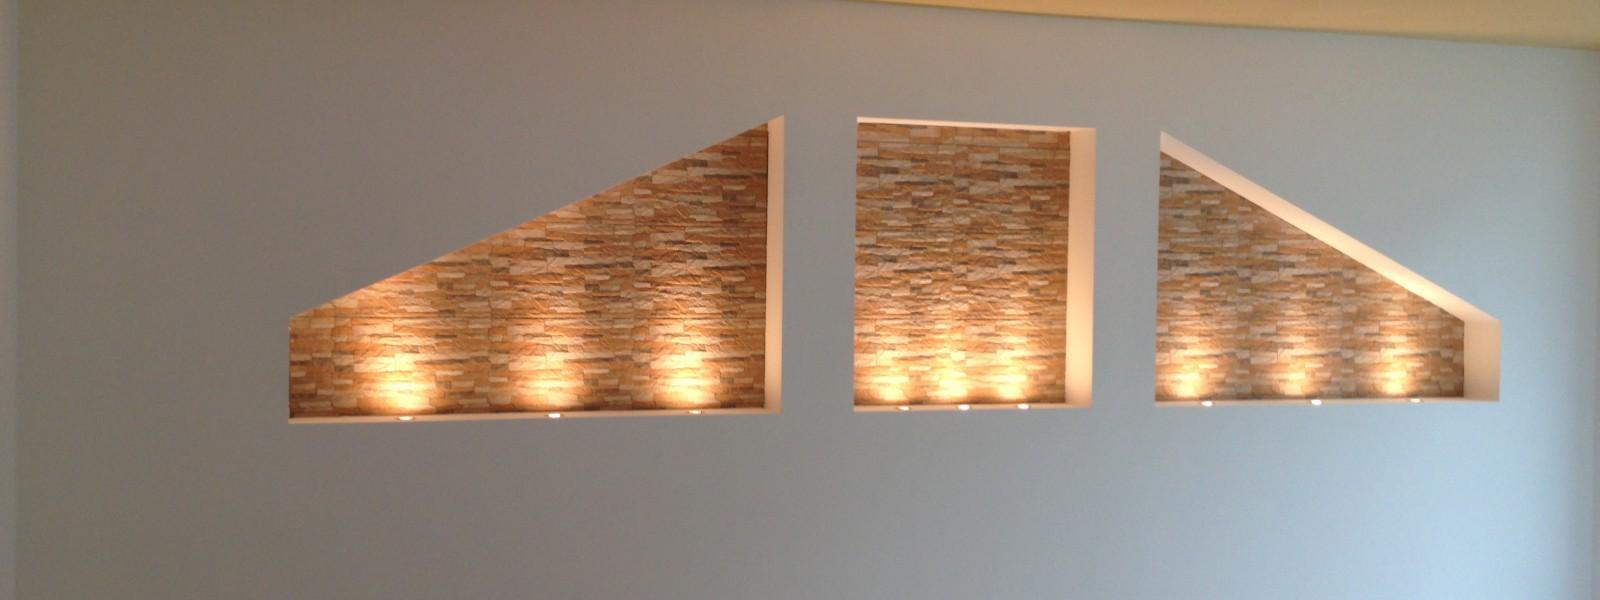 Entzückend Moderne Wände Beste Wahl Wände